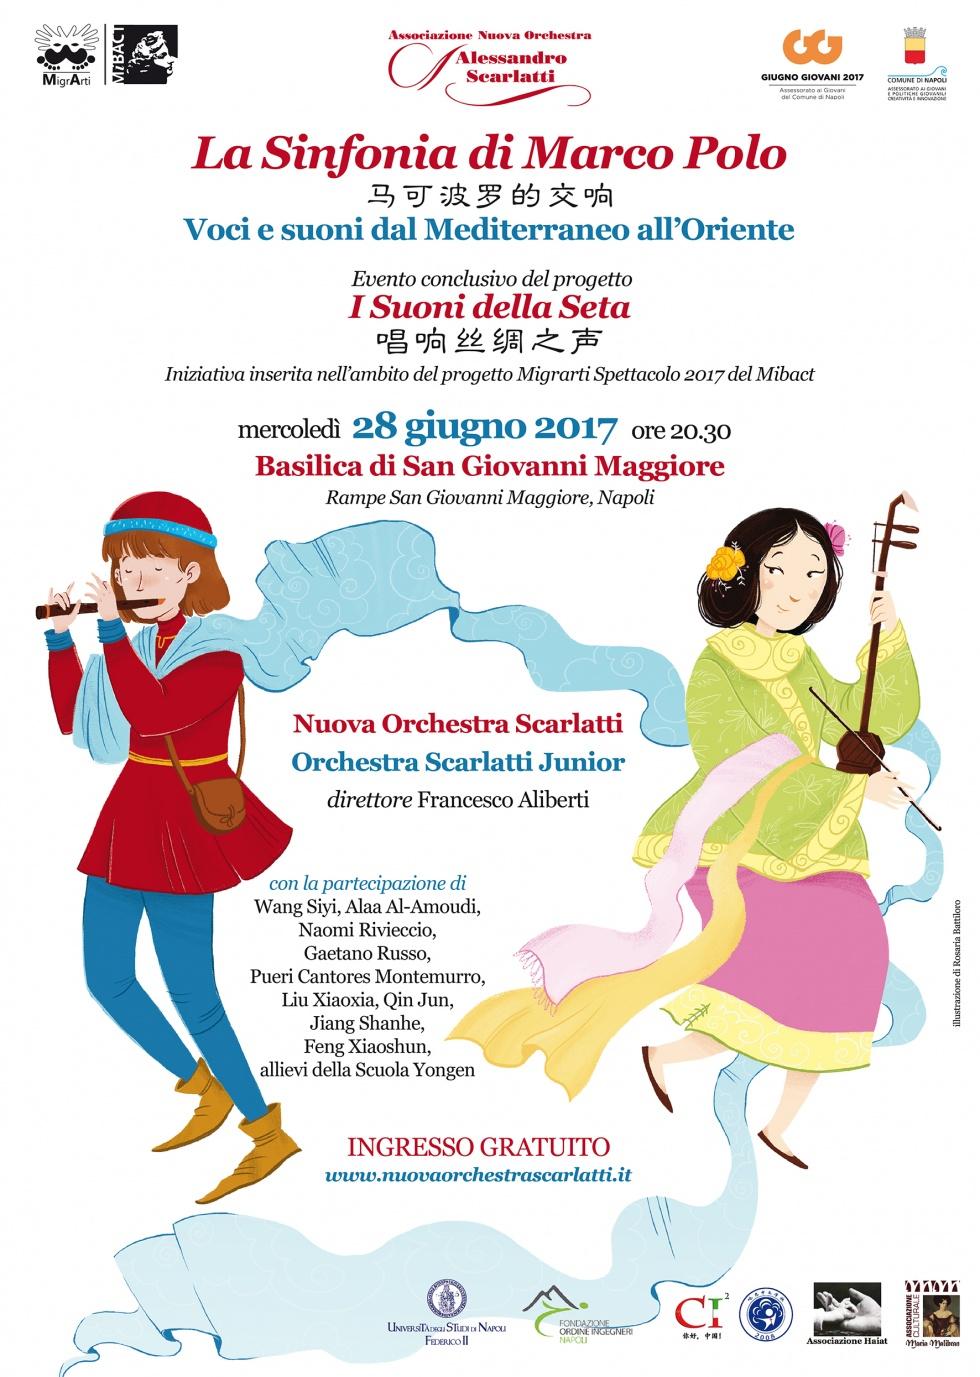 La Nuova Orchestra Scarlatti propone la Sinfonia di Marco Polo, incontro tra comunità cinese e italiana, il 28 giugno 2017 alla Basilica di San Giovanni Maggiore di Napoli